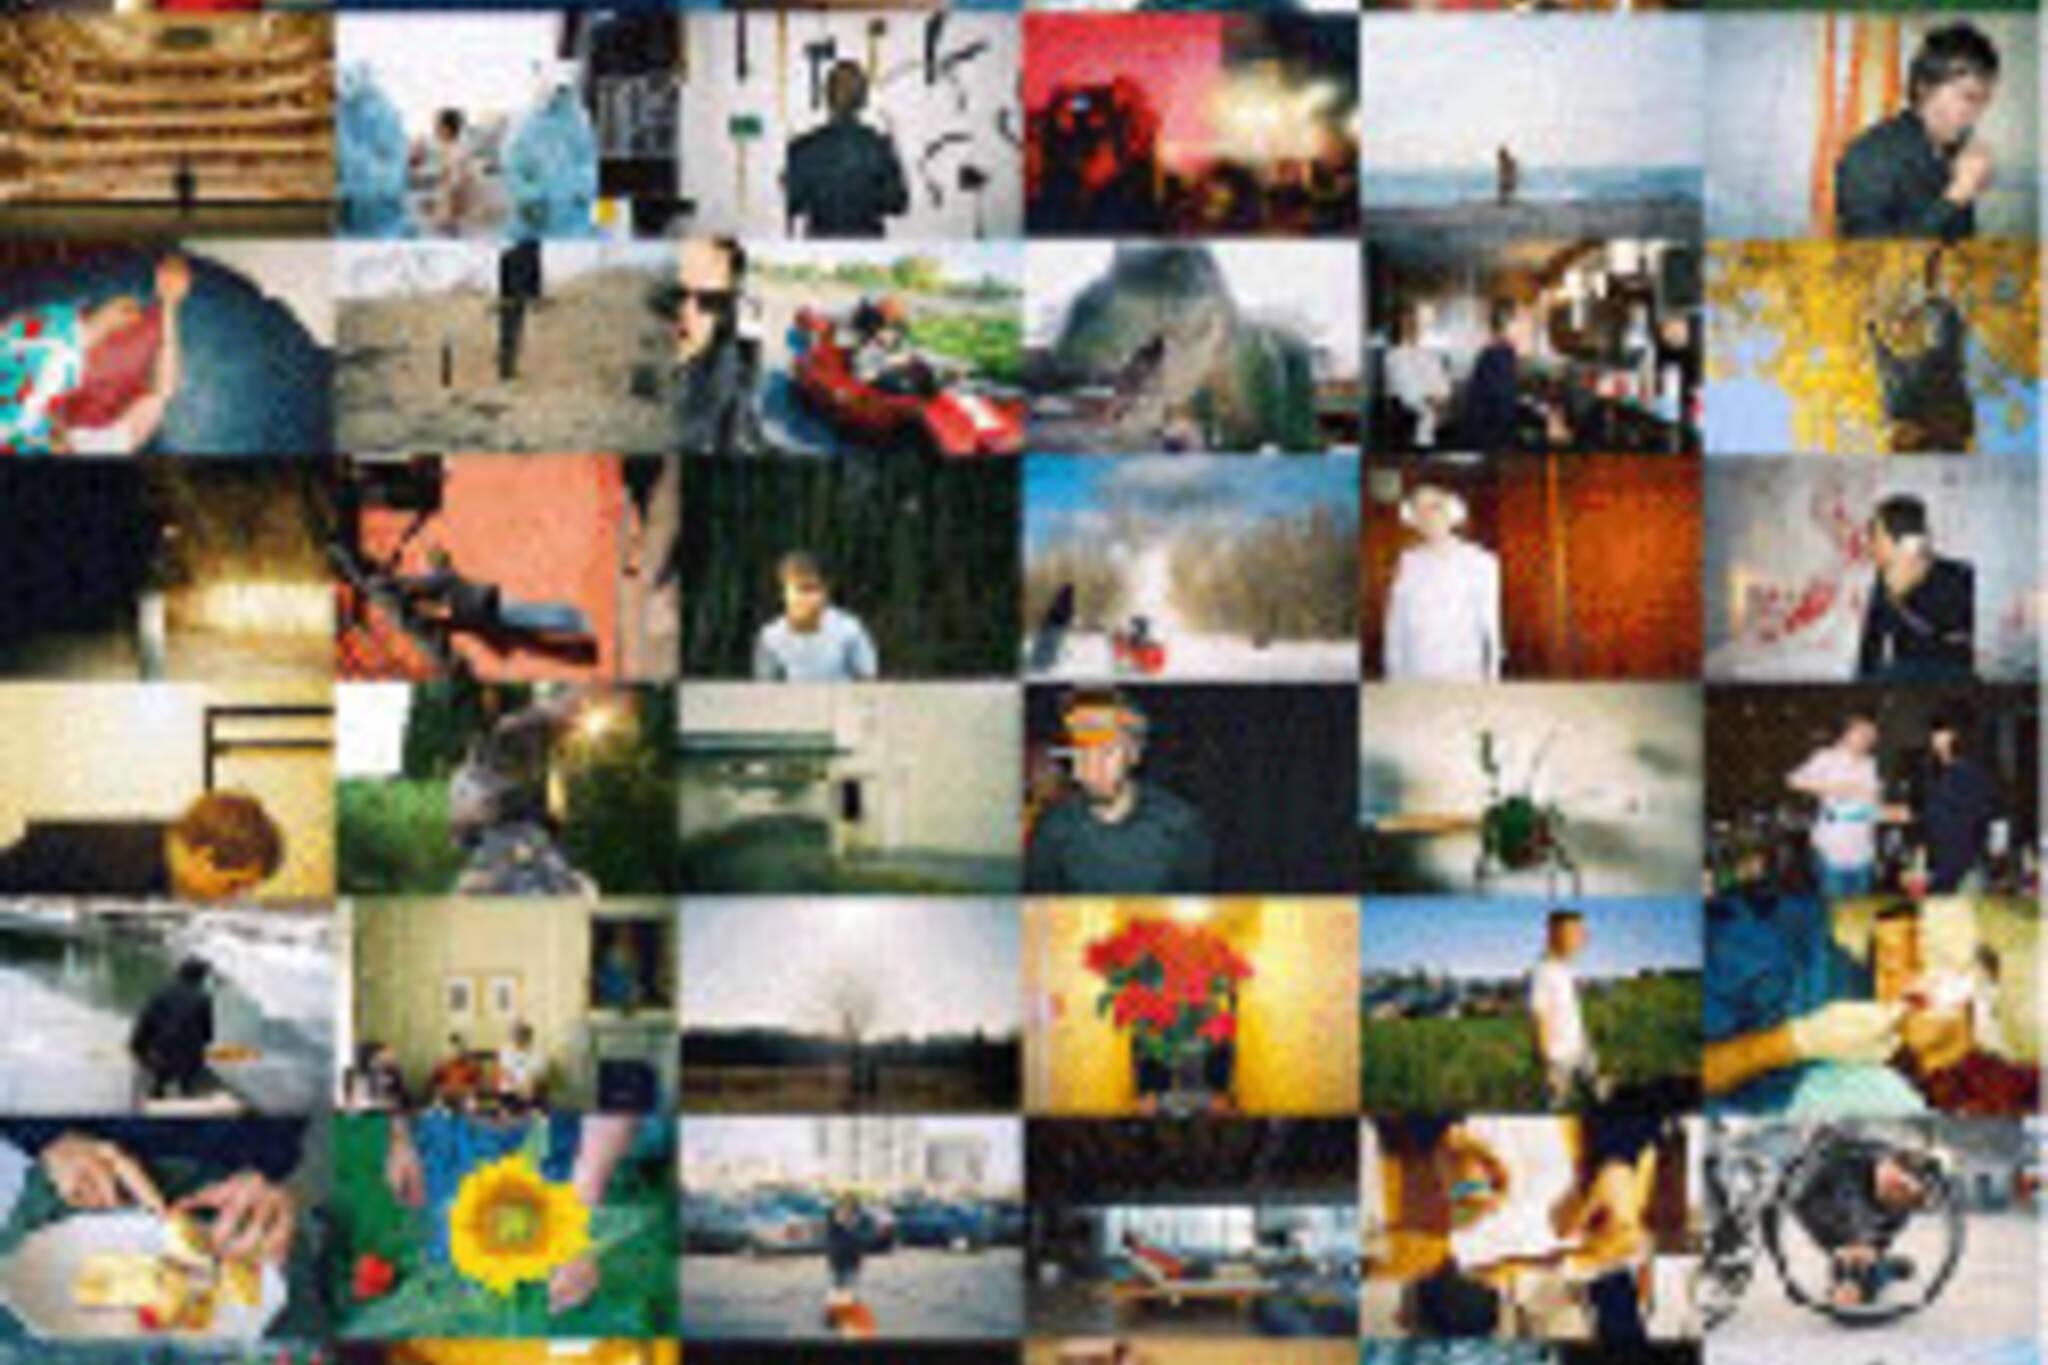 2006_11_10_2020vision.jpg